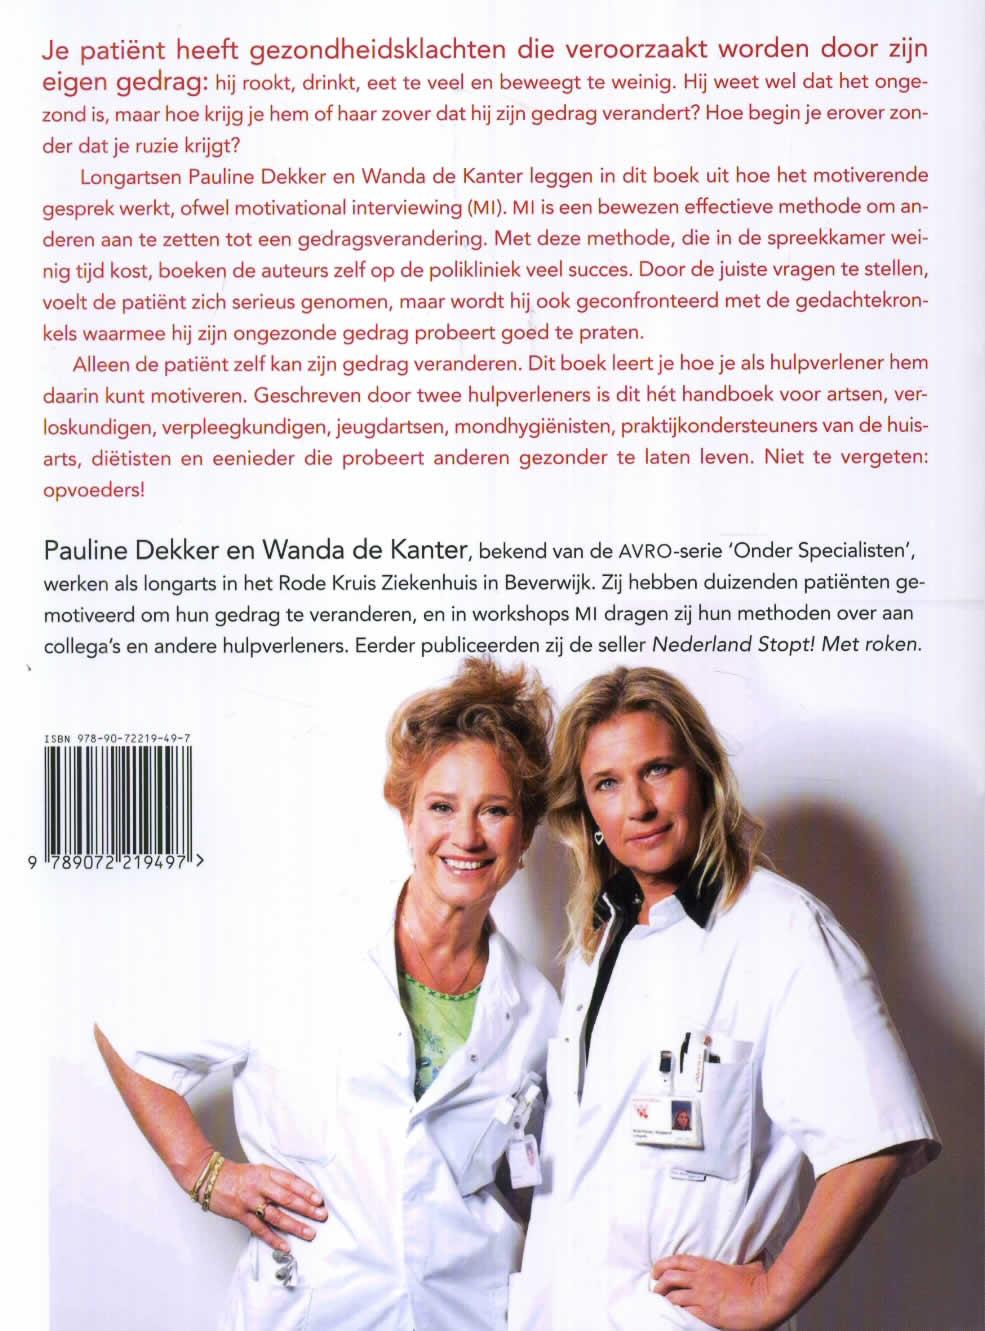 Pauline Dekker, Wanda de Kanter,Motiveren kun je leren